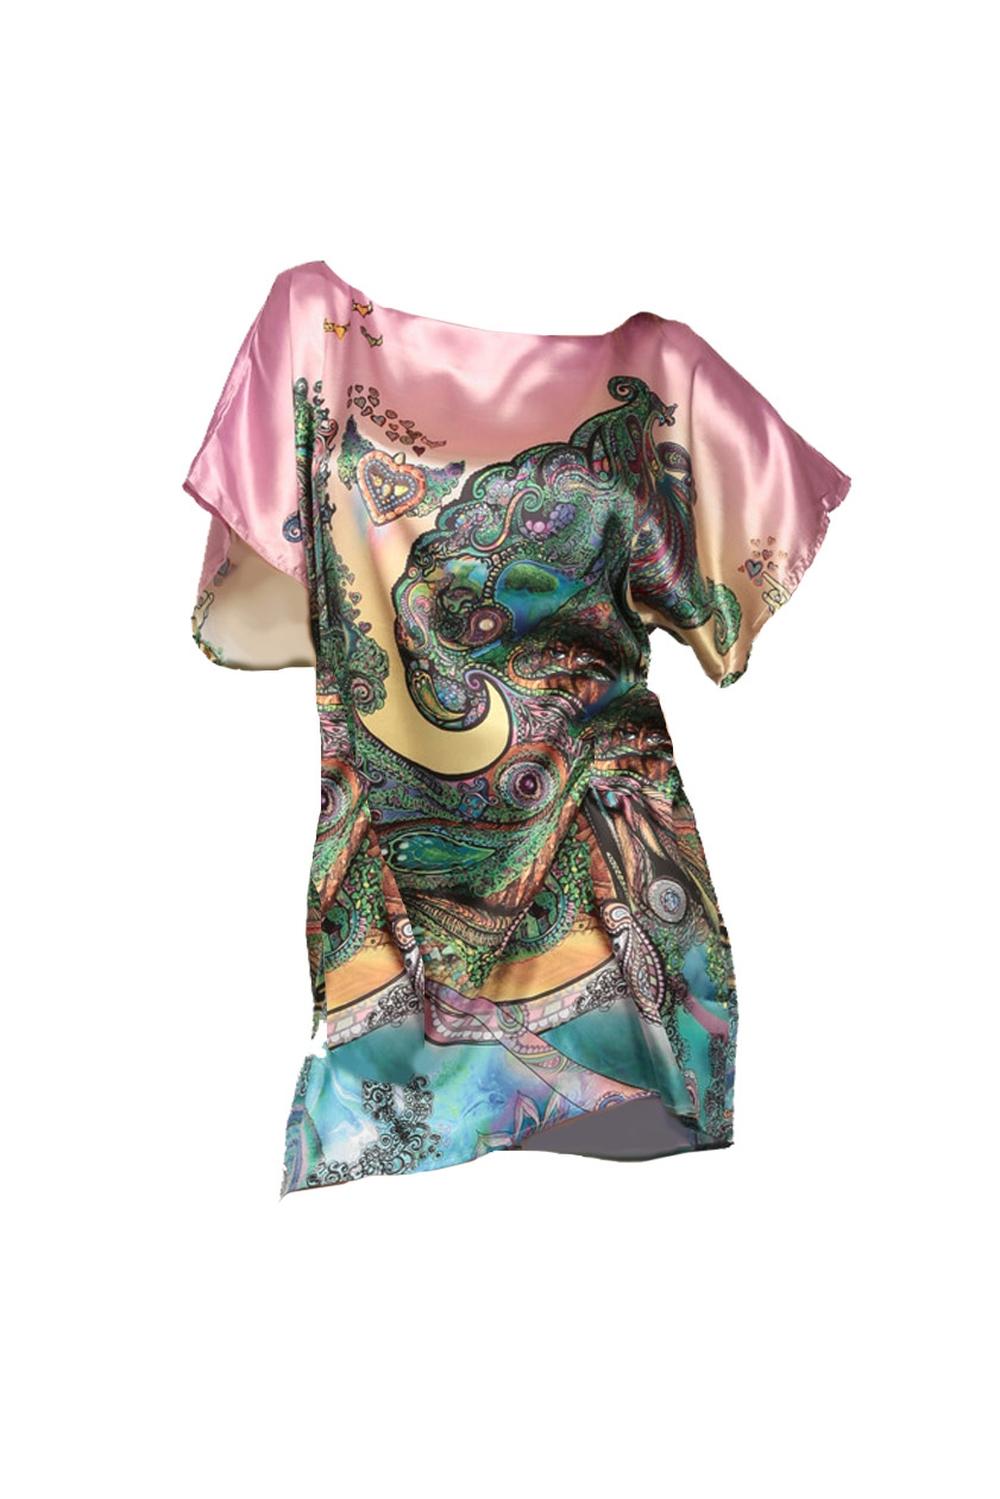 Платье-туникаТуники<br>Платье-туника для домашнего и пляжного отдыха; из натурального 100% шелка; свободного размера; с симметричным арт-принтом по спине и переду.  В изделии использованы цвета: розовый, зеленый и др.  Размер universal соответствует 42-48 размеру.  длина изделия - 79 см обхват груди - 114 см.;  обхват бедер - 120 см.  Ростовка изделия 170 см.<br><br>Горловина: С- горловина<br>По материалу: Шелк<br>По рисунку: С принтом,Цветные,Этнические<br>По сезону: Весна,Всесезон,Зима,Осень,Лето<br>По силуэту: Полуприталенные<br>По стилю: Повседневный стиль<br>Рукав: Короткий рукав<br>Размер : universal<br>Материал: Шелк<br>Количество в наличии: 2